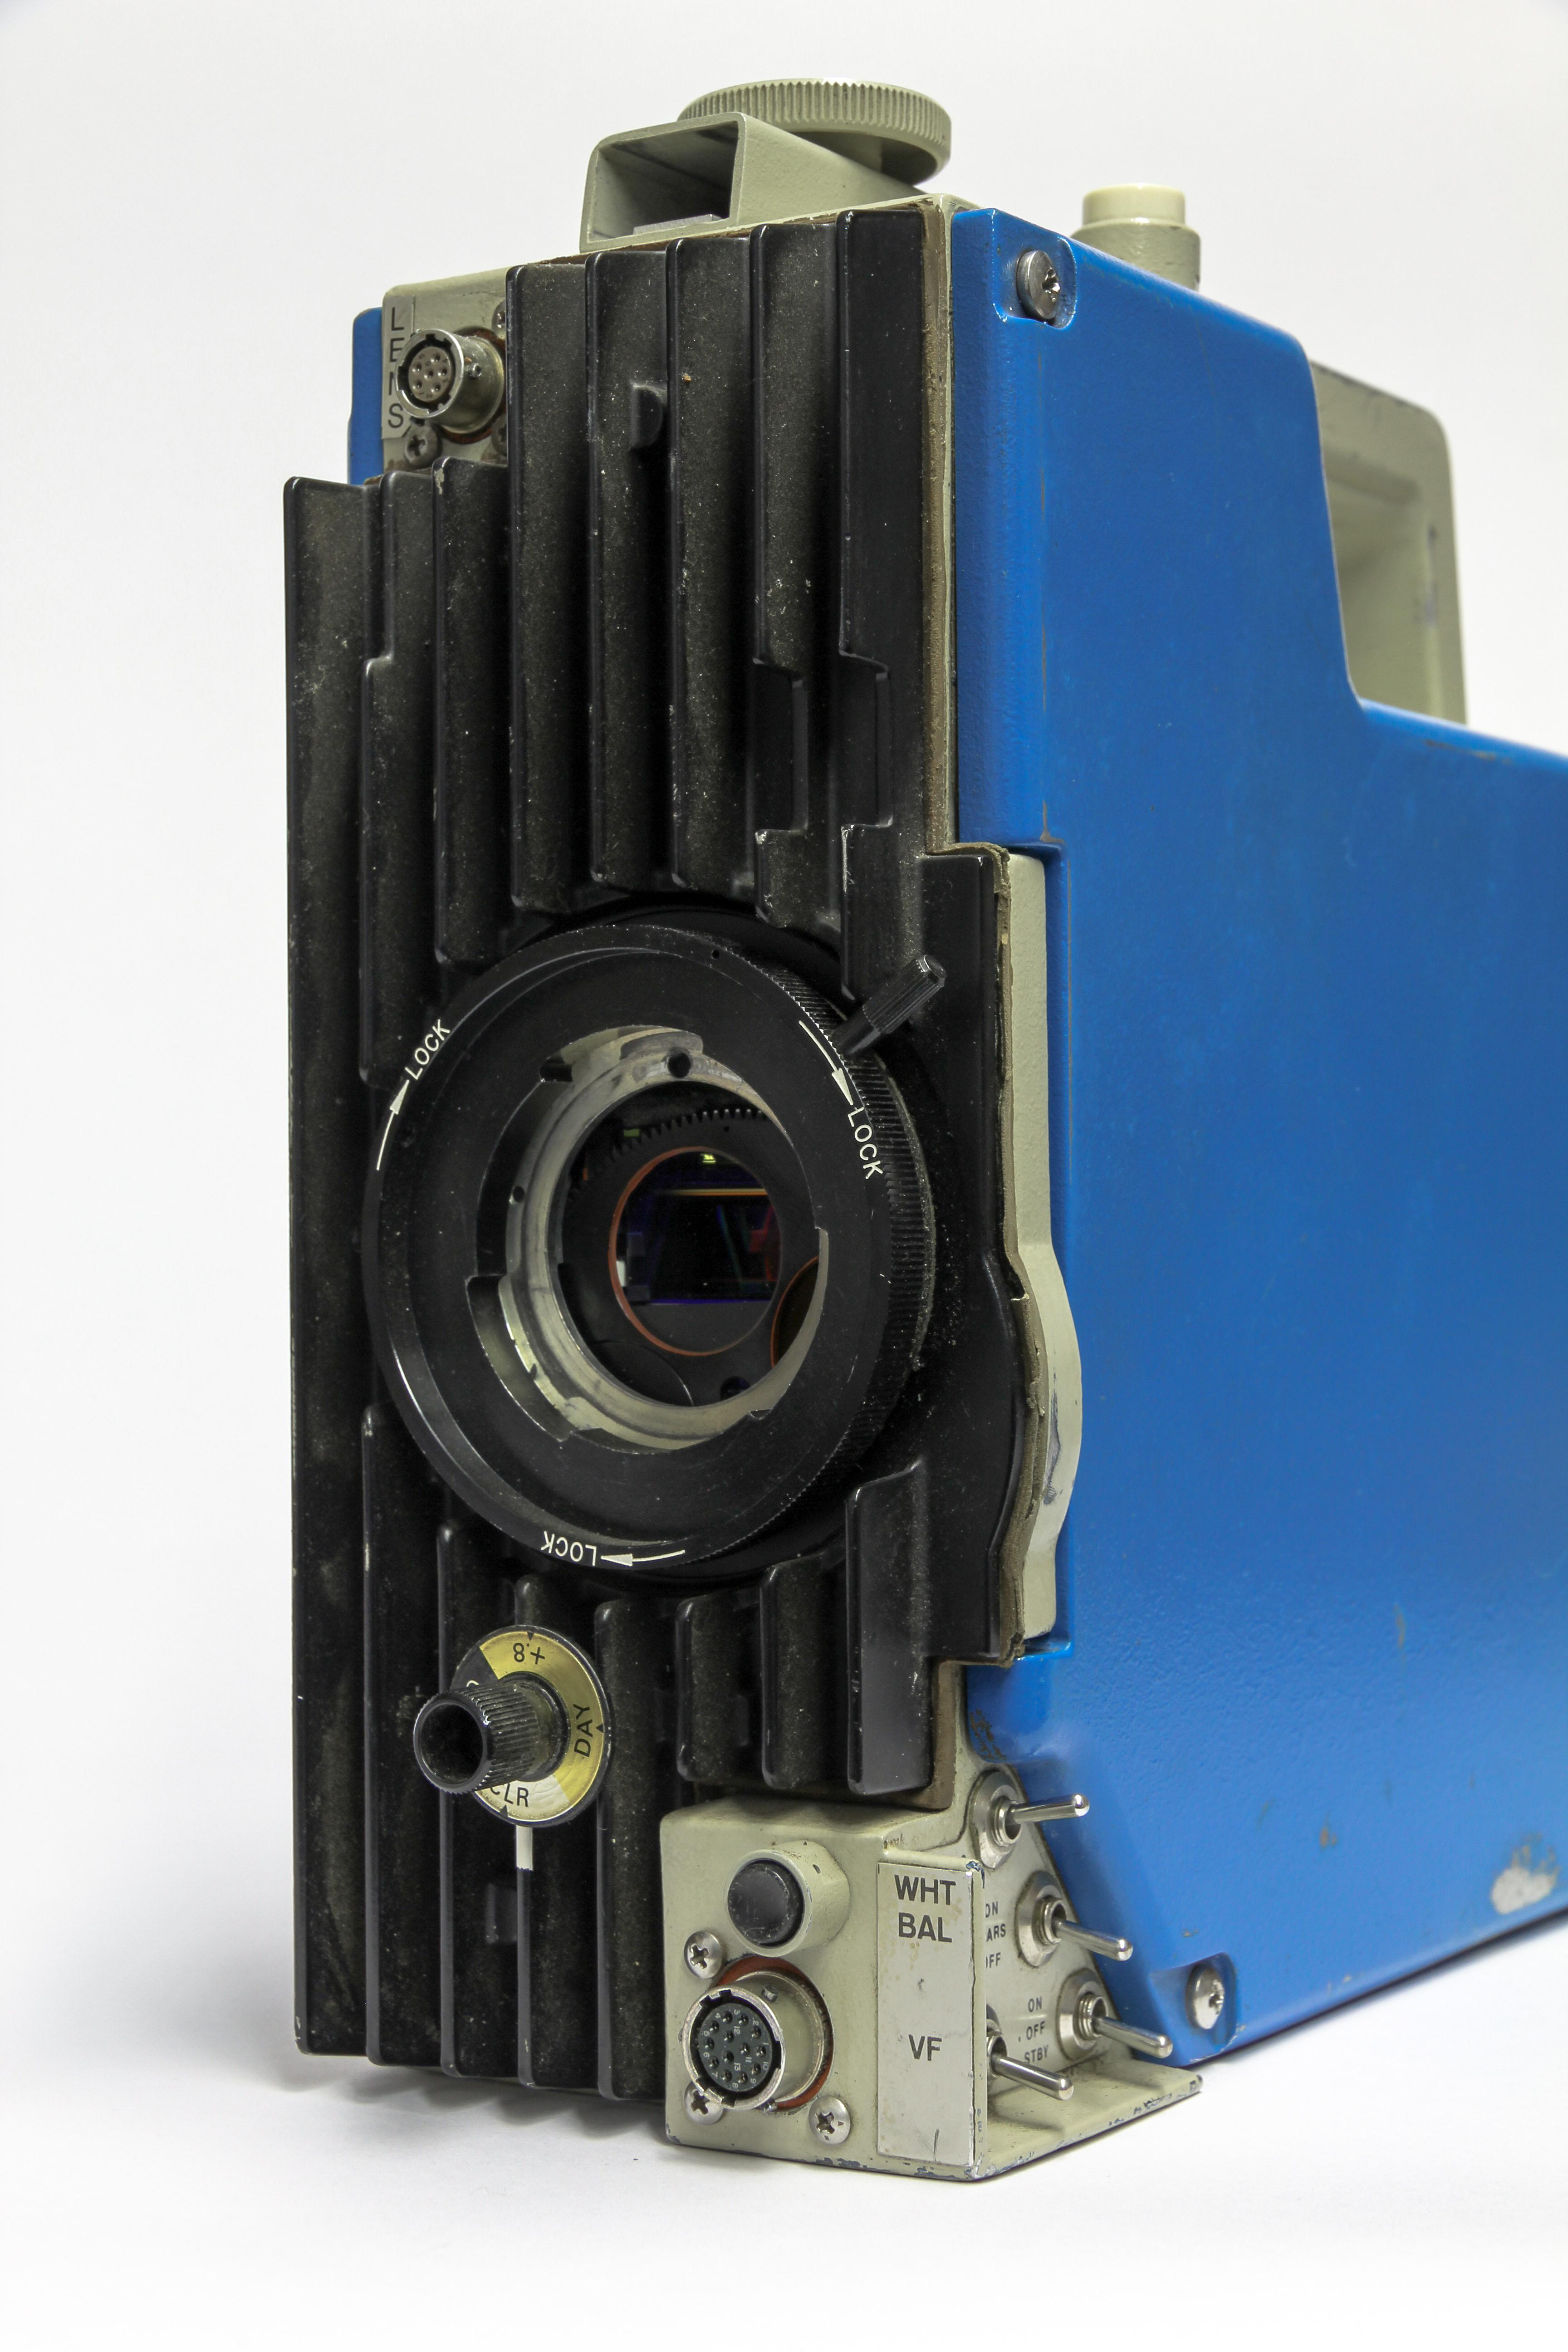 RCA TK-76 - Bilder vor der Renovierung - -20